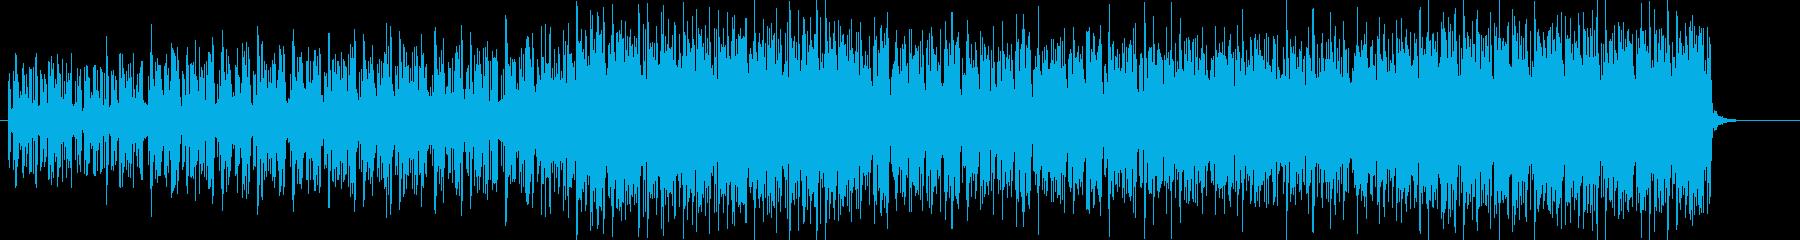 クイズ、ゲームBGMの再生済みの波形